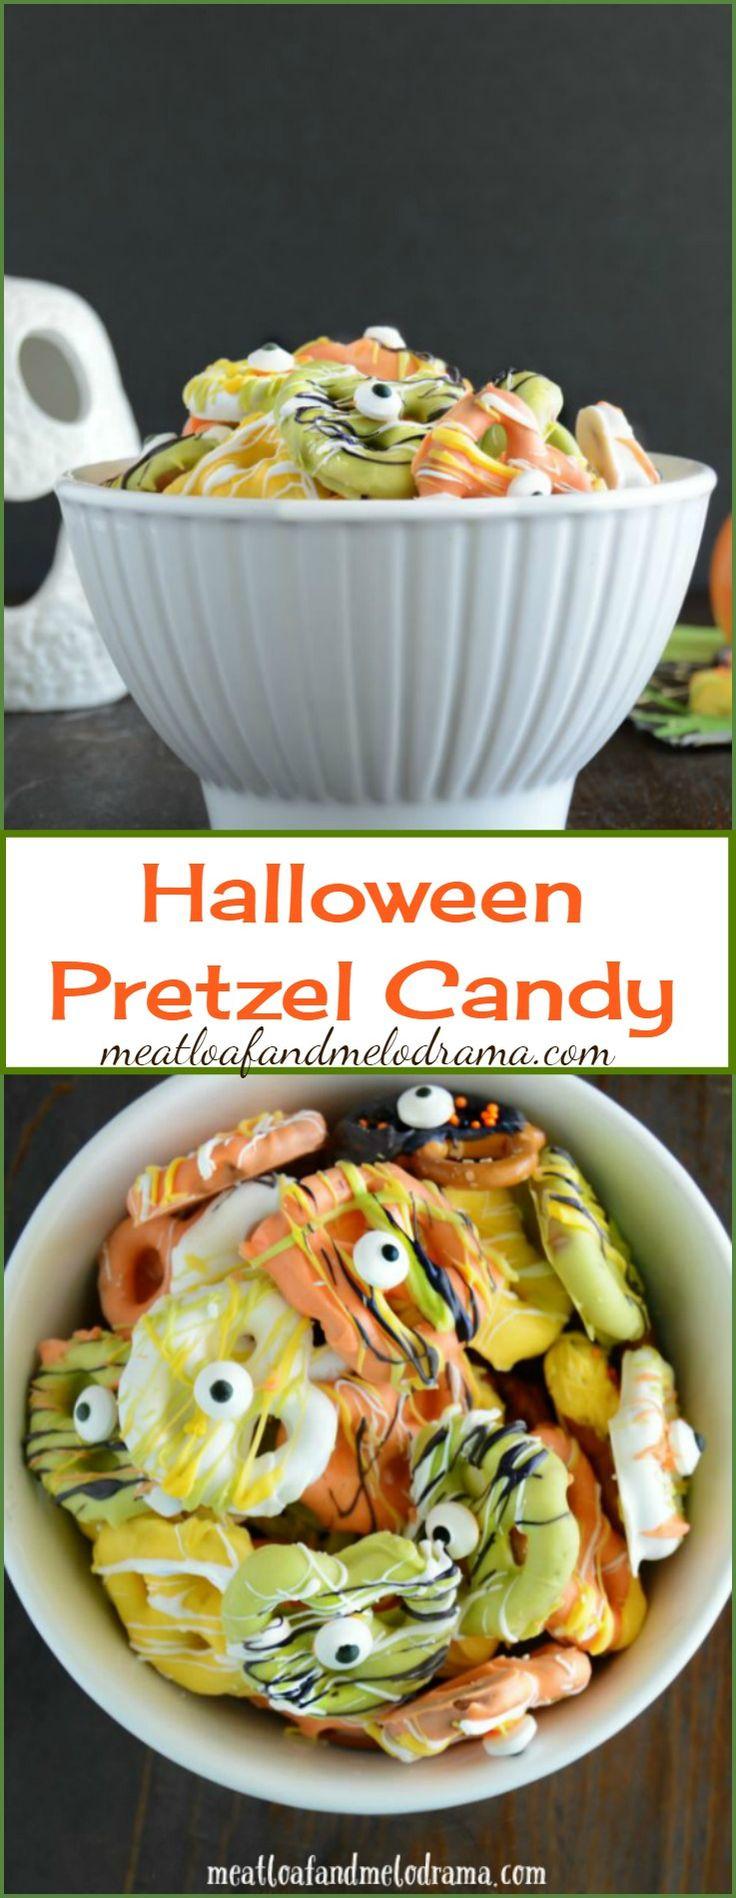 Halloween Pretzels Treats  Best 25 Halloween pretzels ideas on Pinterest